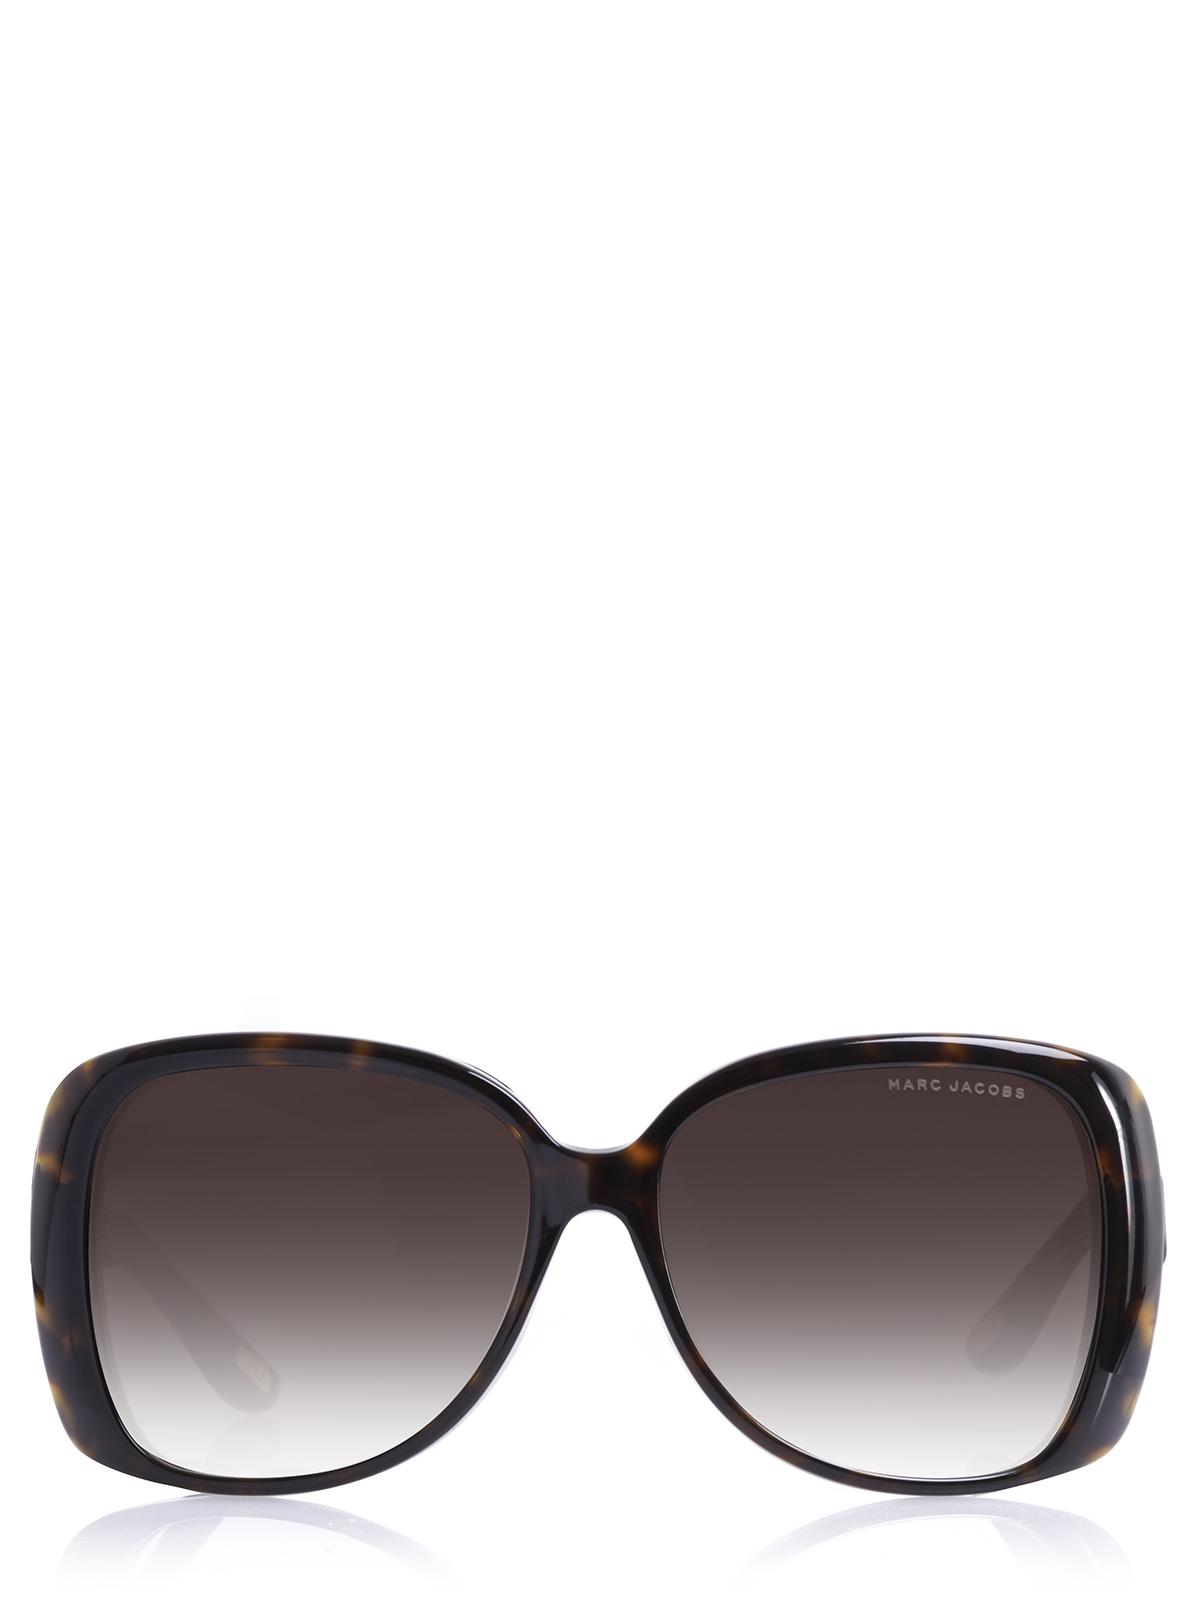 marc jacobs sonnenbrille mj 385 s dunkelbraun kunststoff ebay. Black Bedroom Furniture Sets. Home Design Ideas